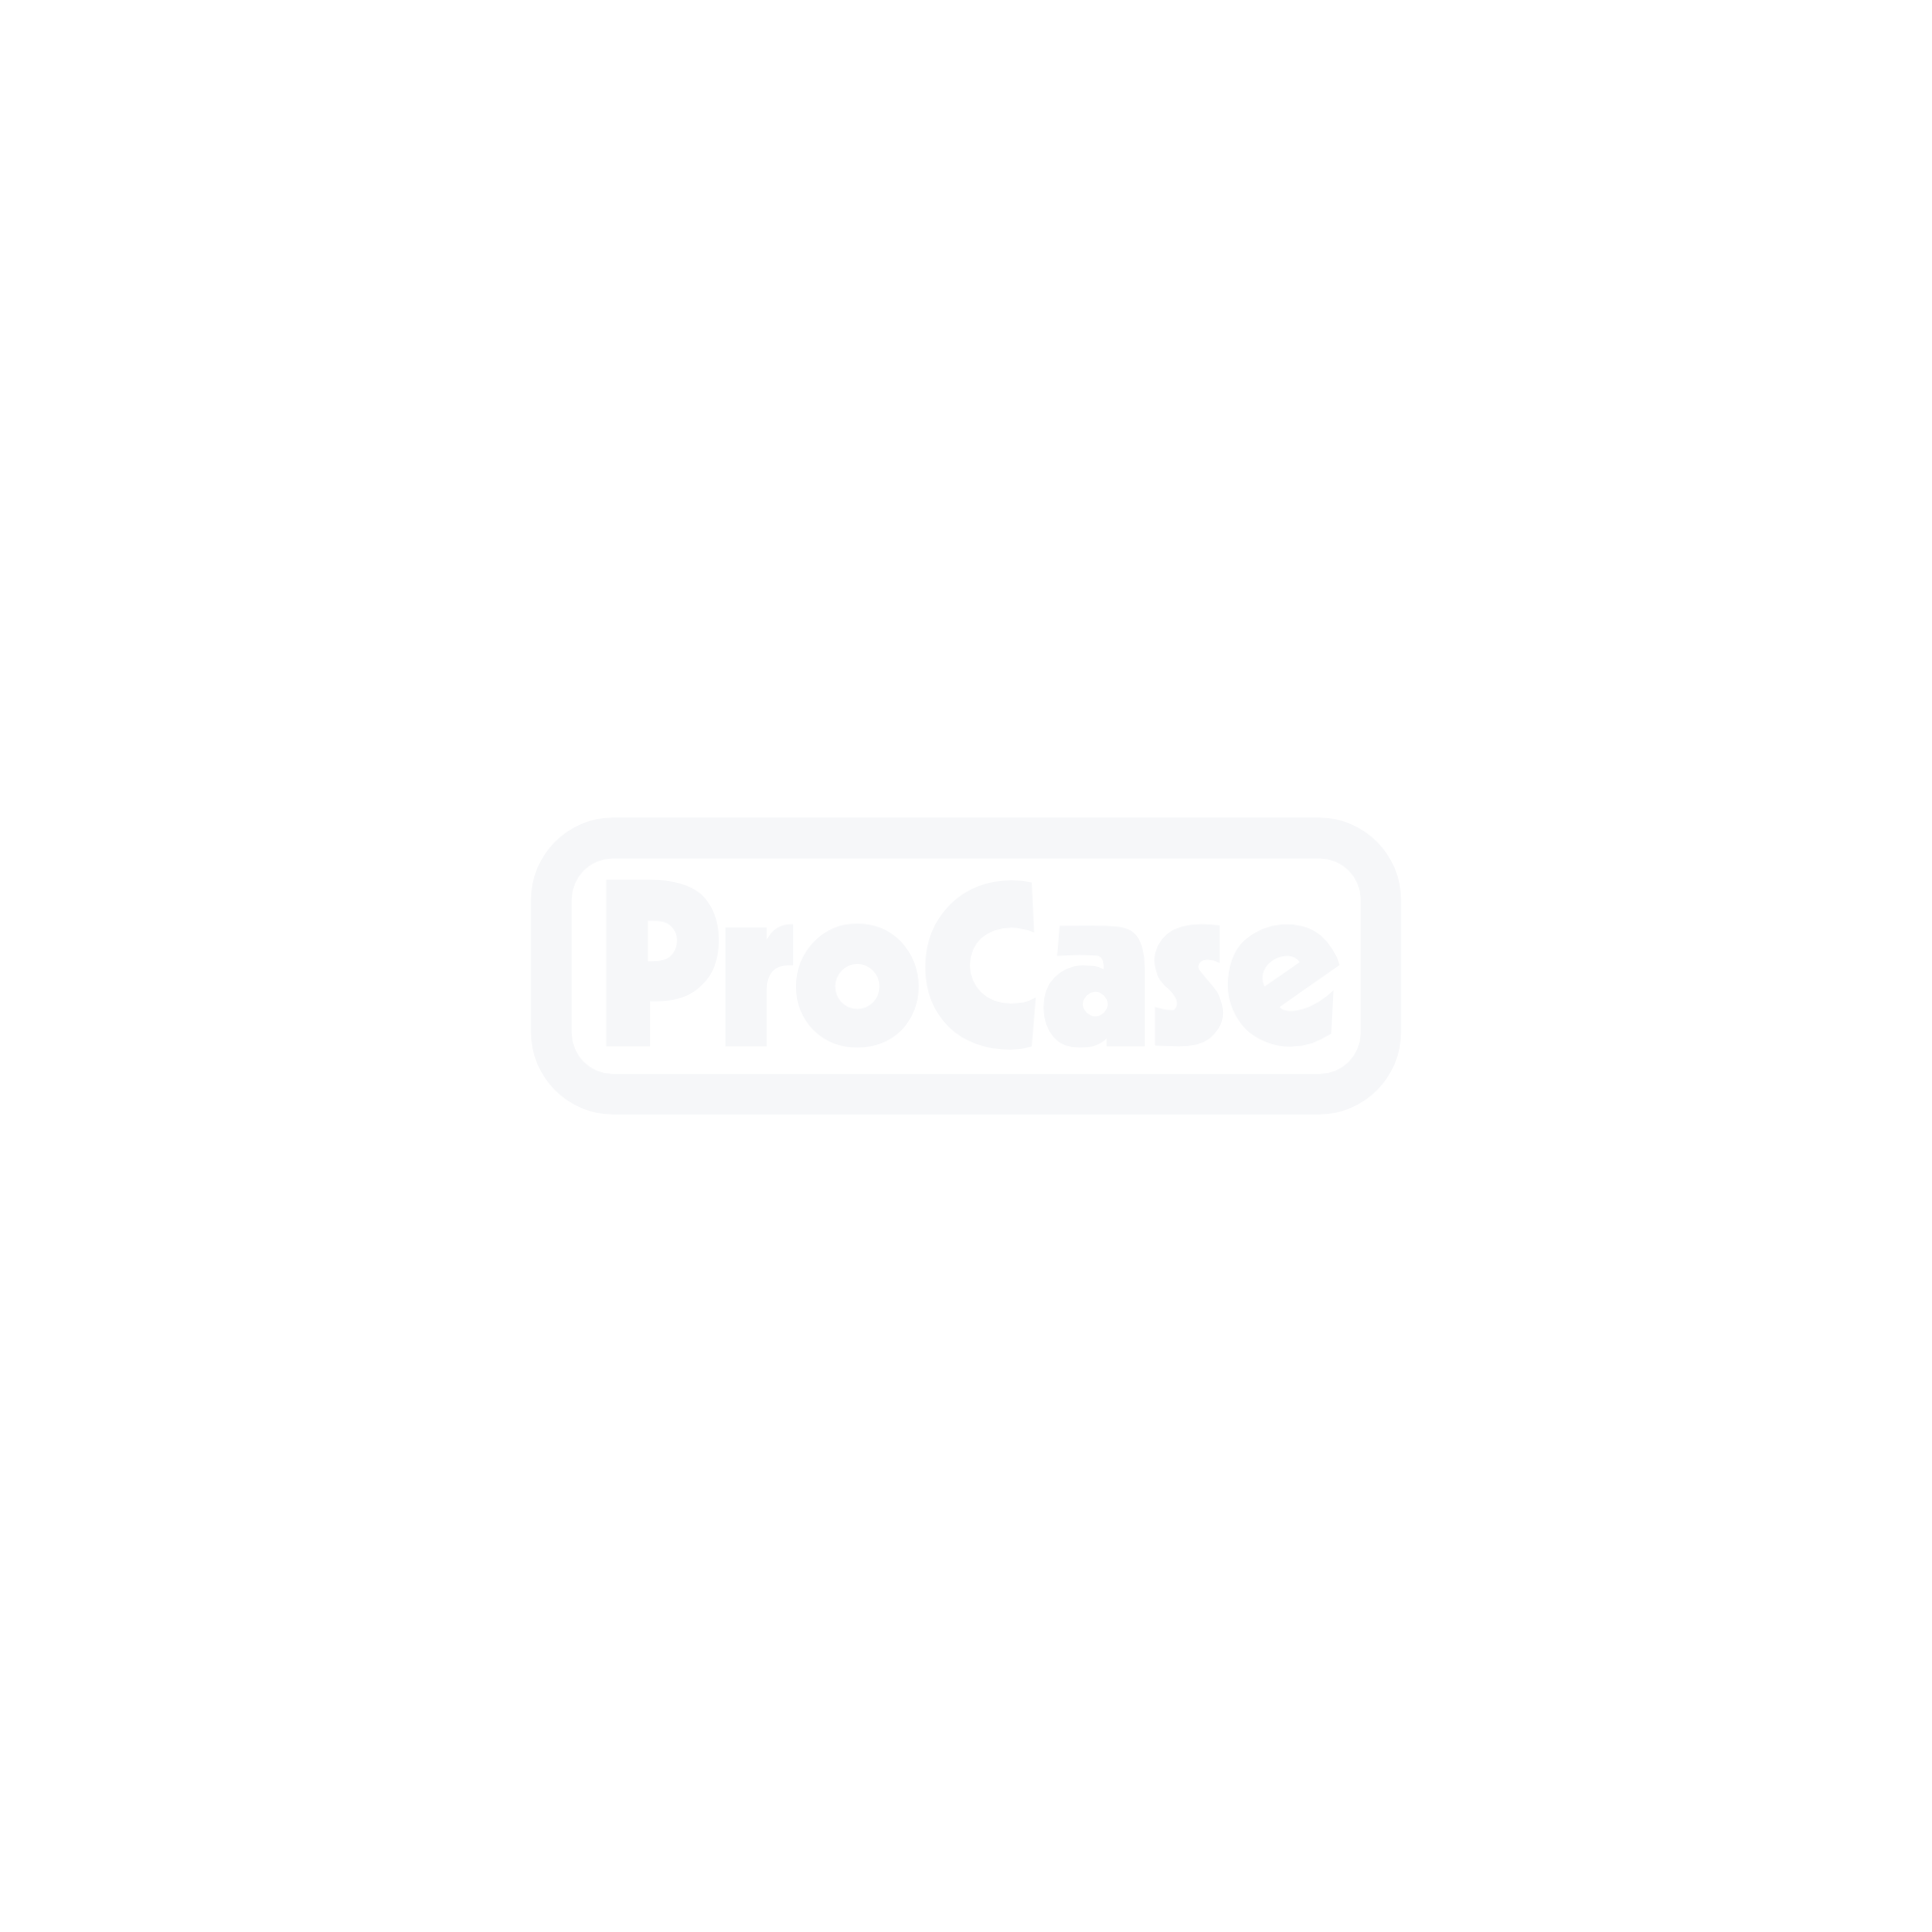 QSD-Rack 20HE 800 mm tief 5